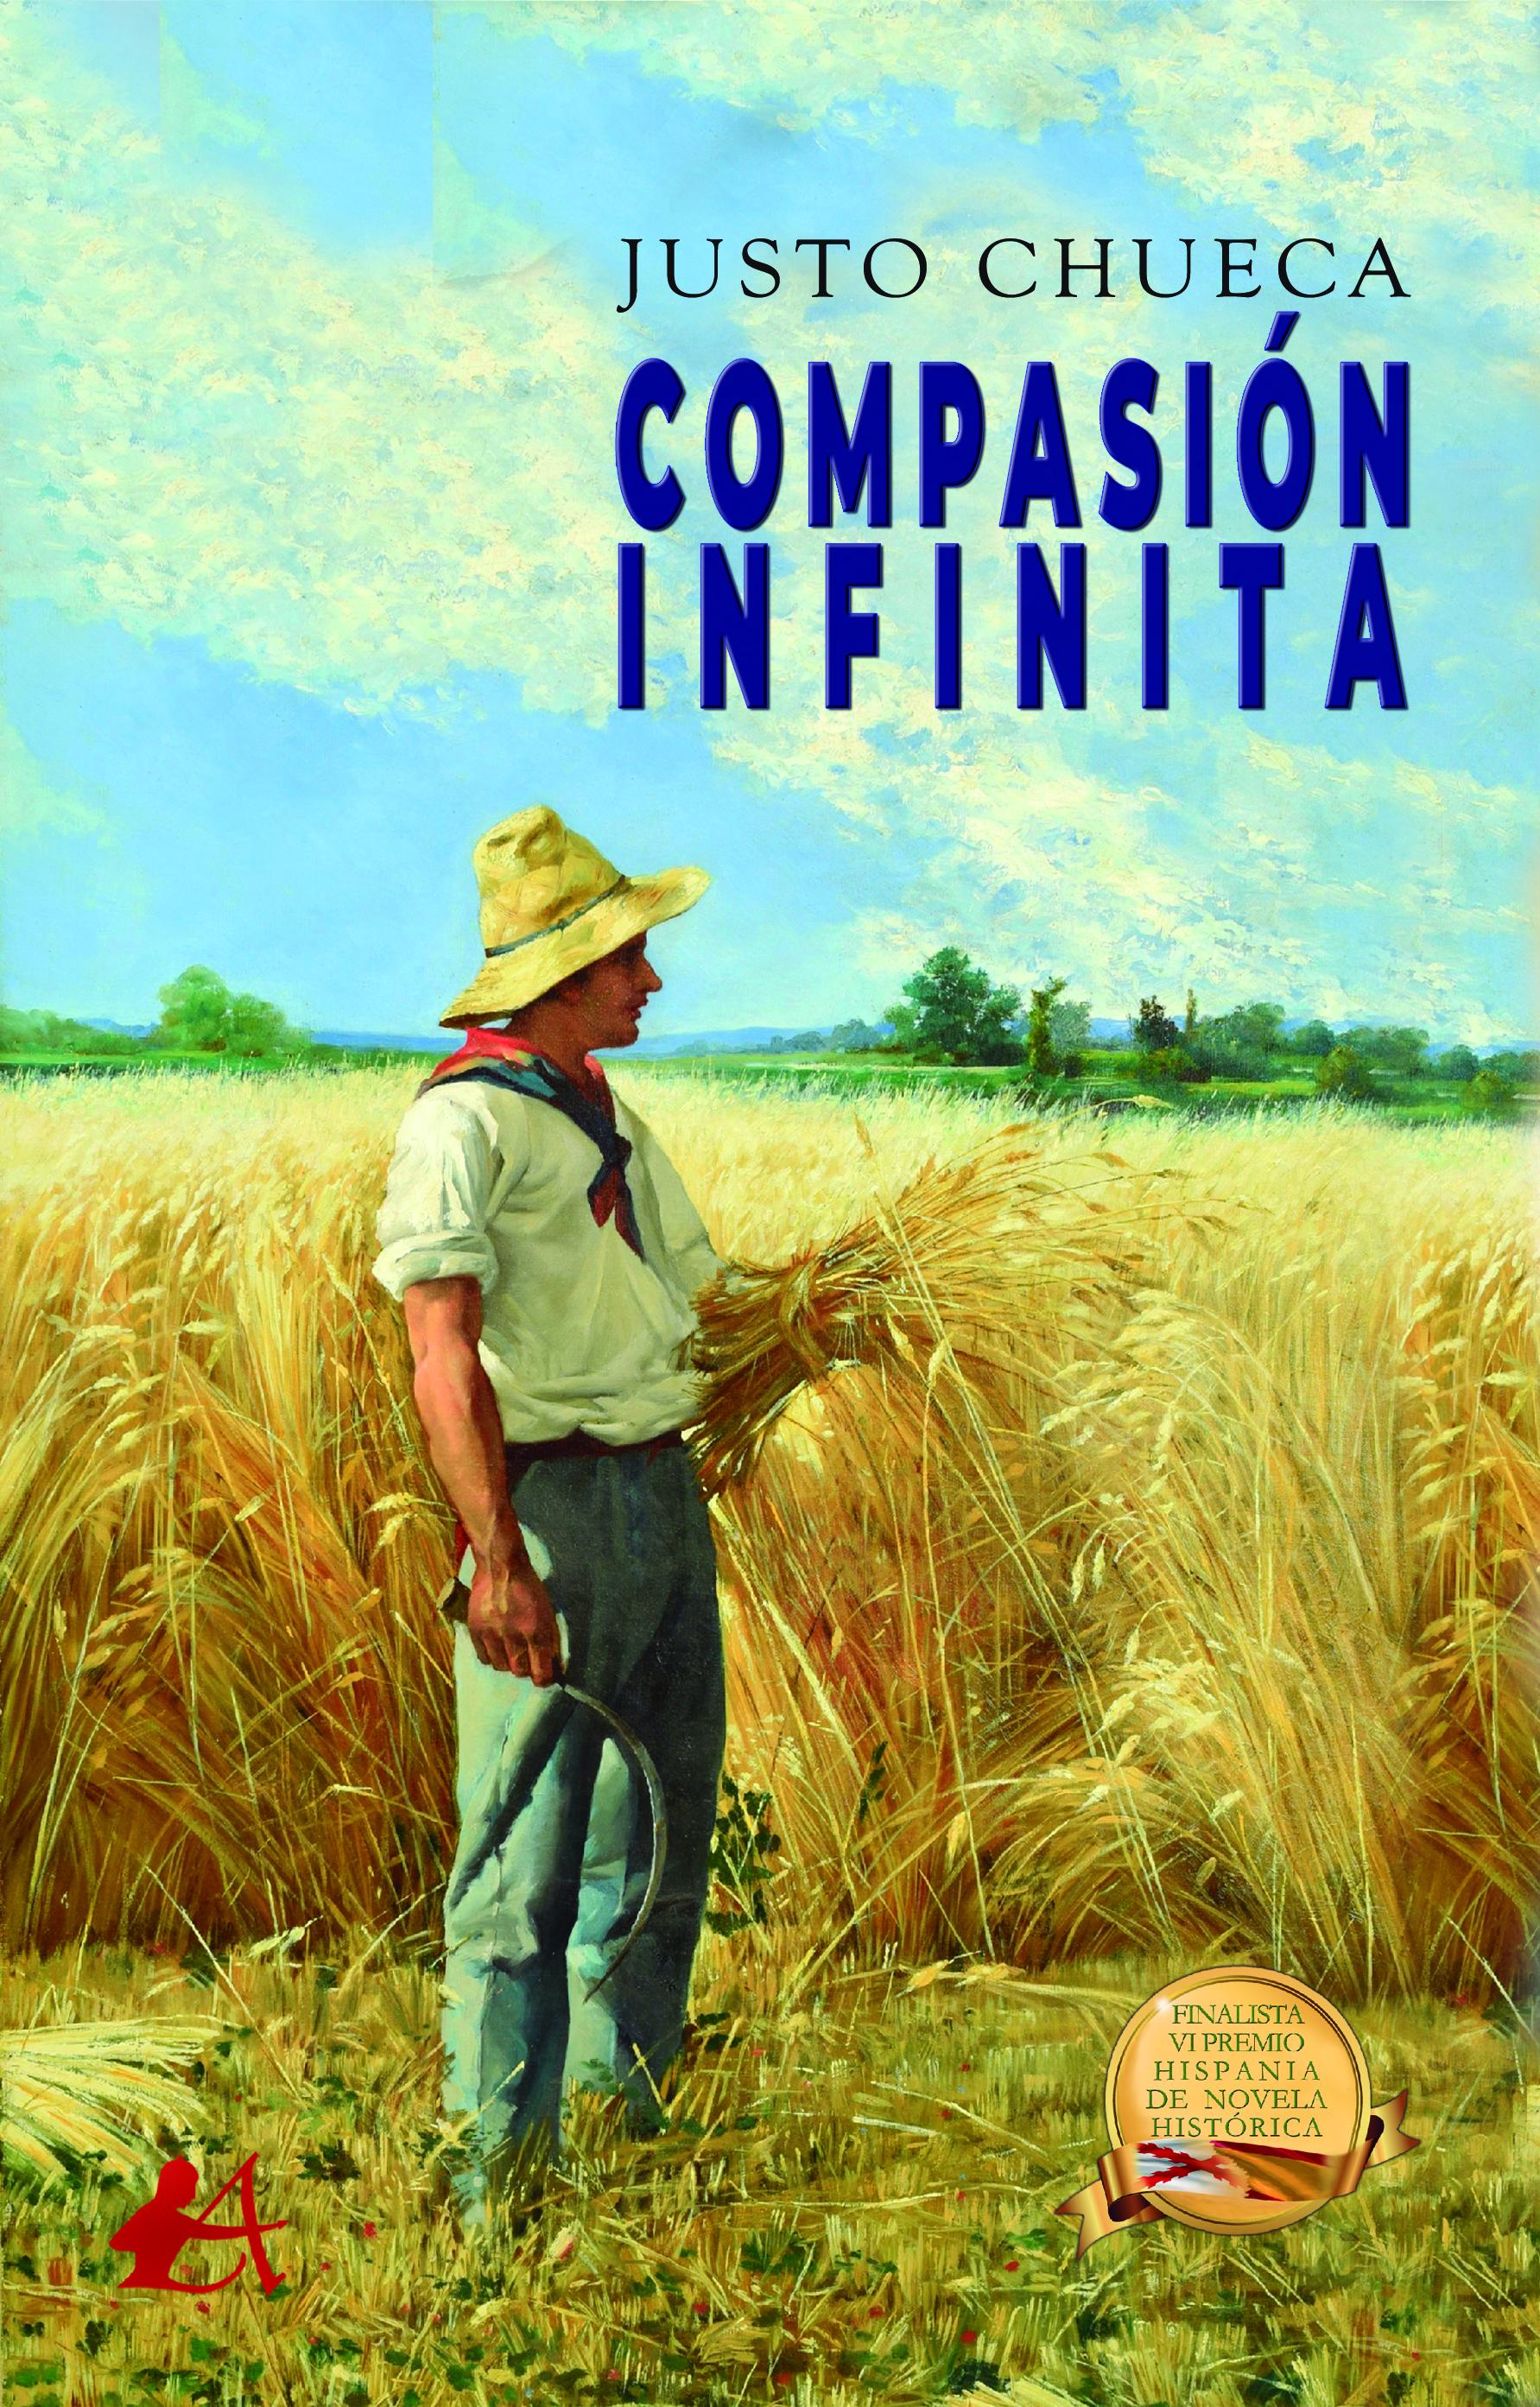 Portada del libro Compasión infinita de Justo Chueca. Editorial Adarve, Enviar un manuscrito